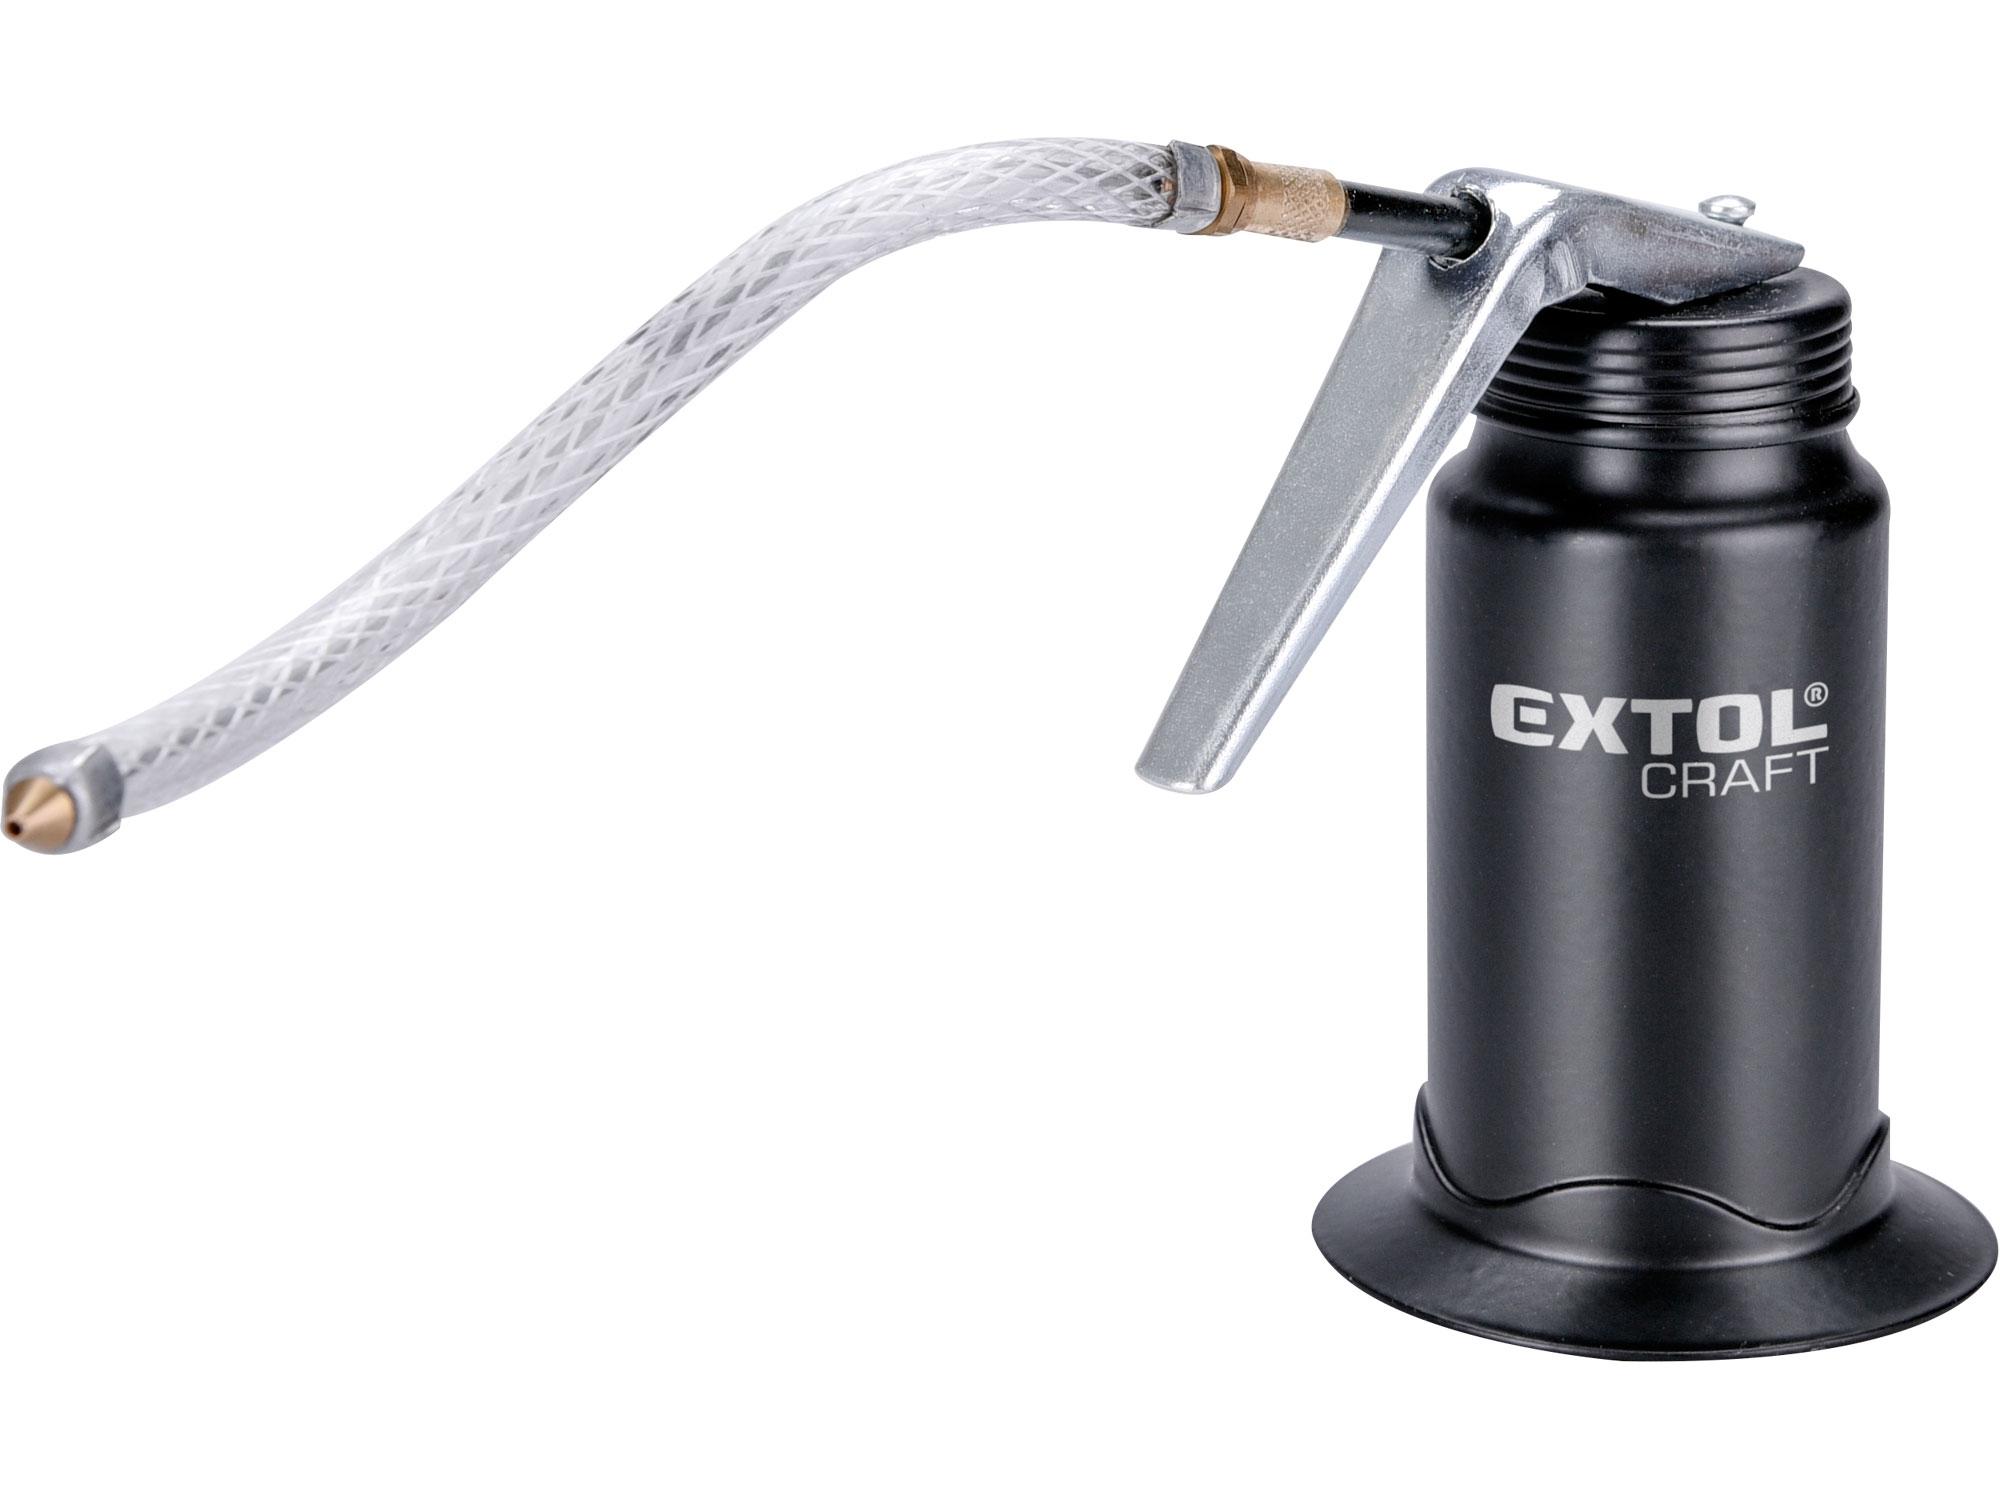 olejnička s flexibilní hadičkou, 170ml, EXTOL CRAFT 9621